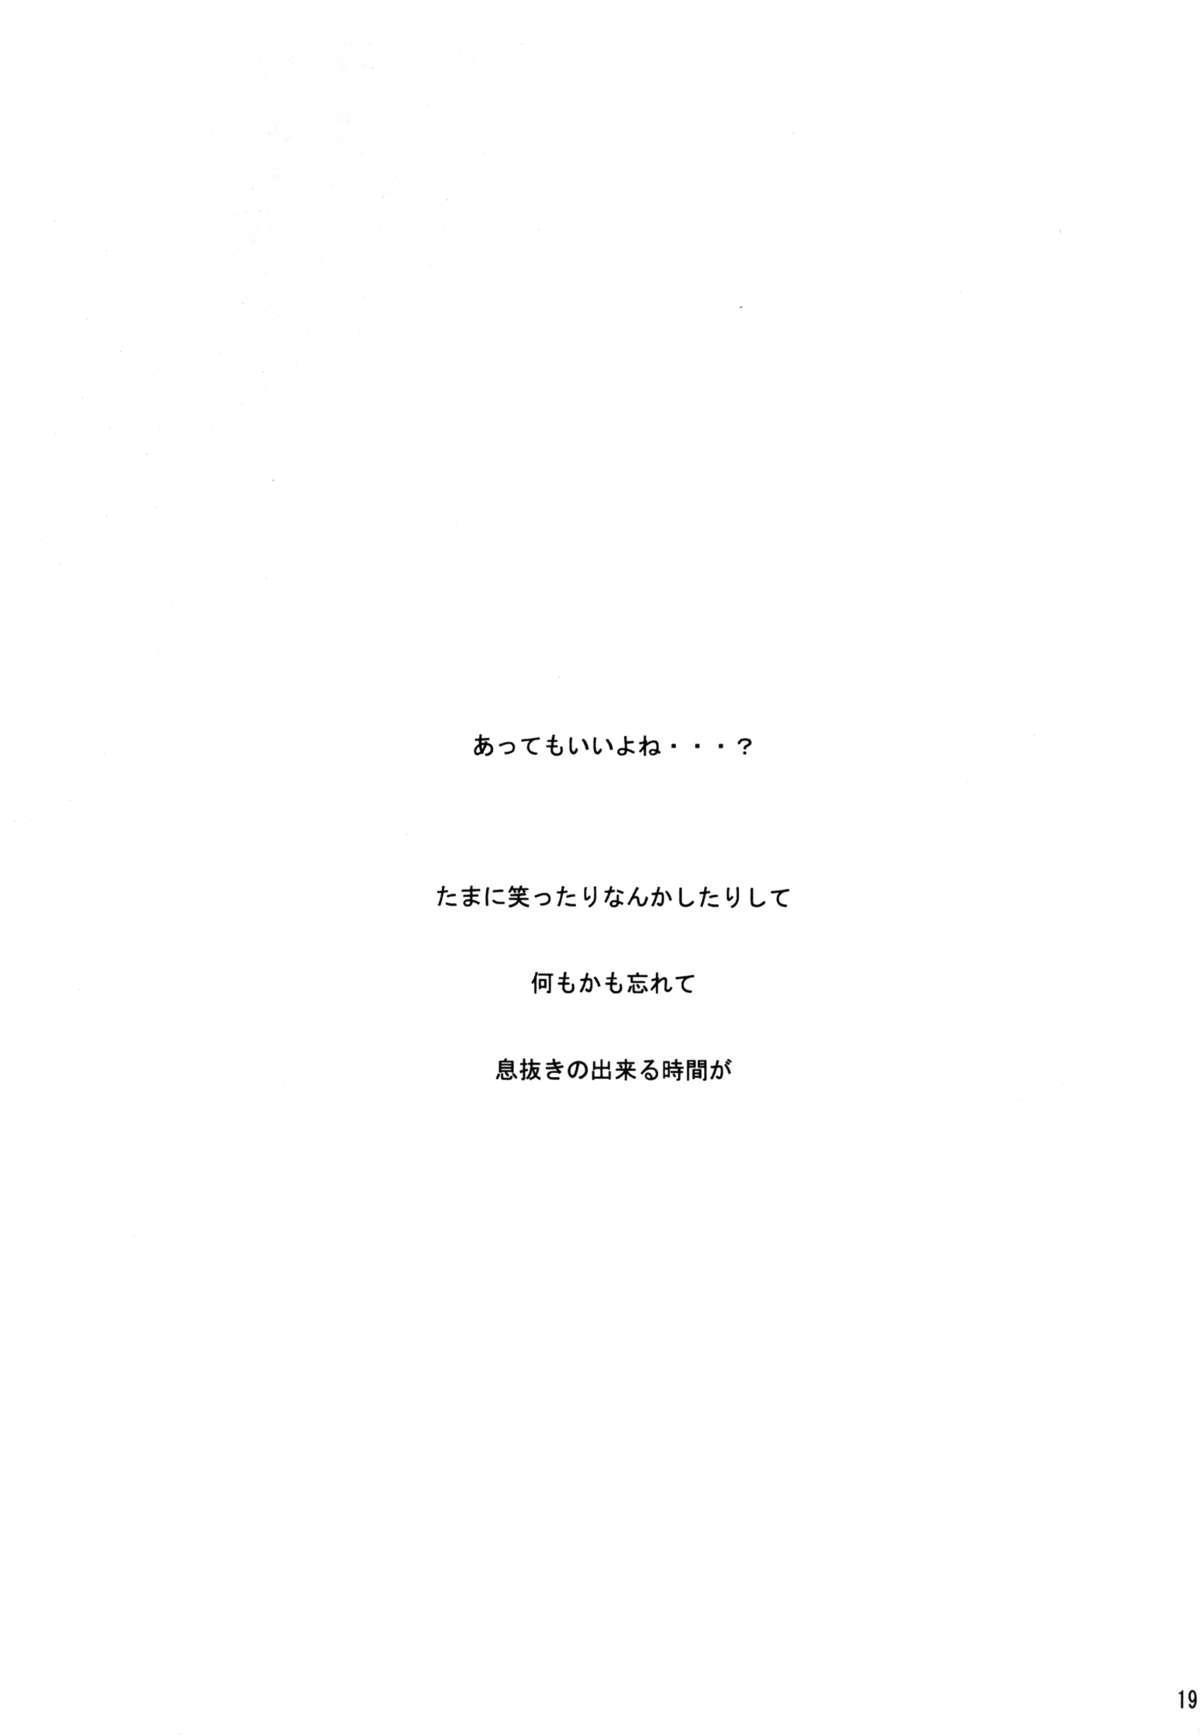 (C70) [Hamustar (Chibinyo)] Hamu-juu -San- (Naruto) [English] [Yoroshii] 17